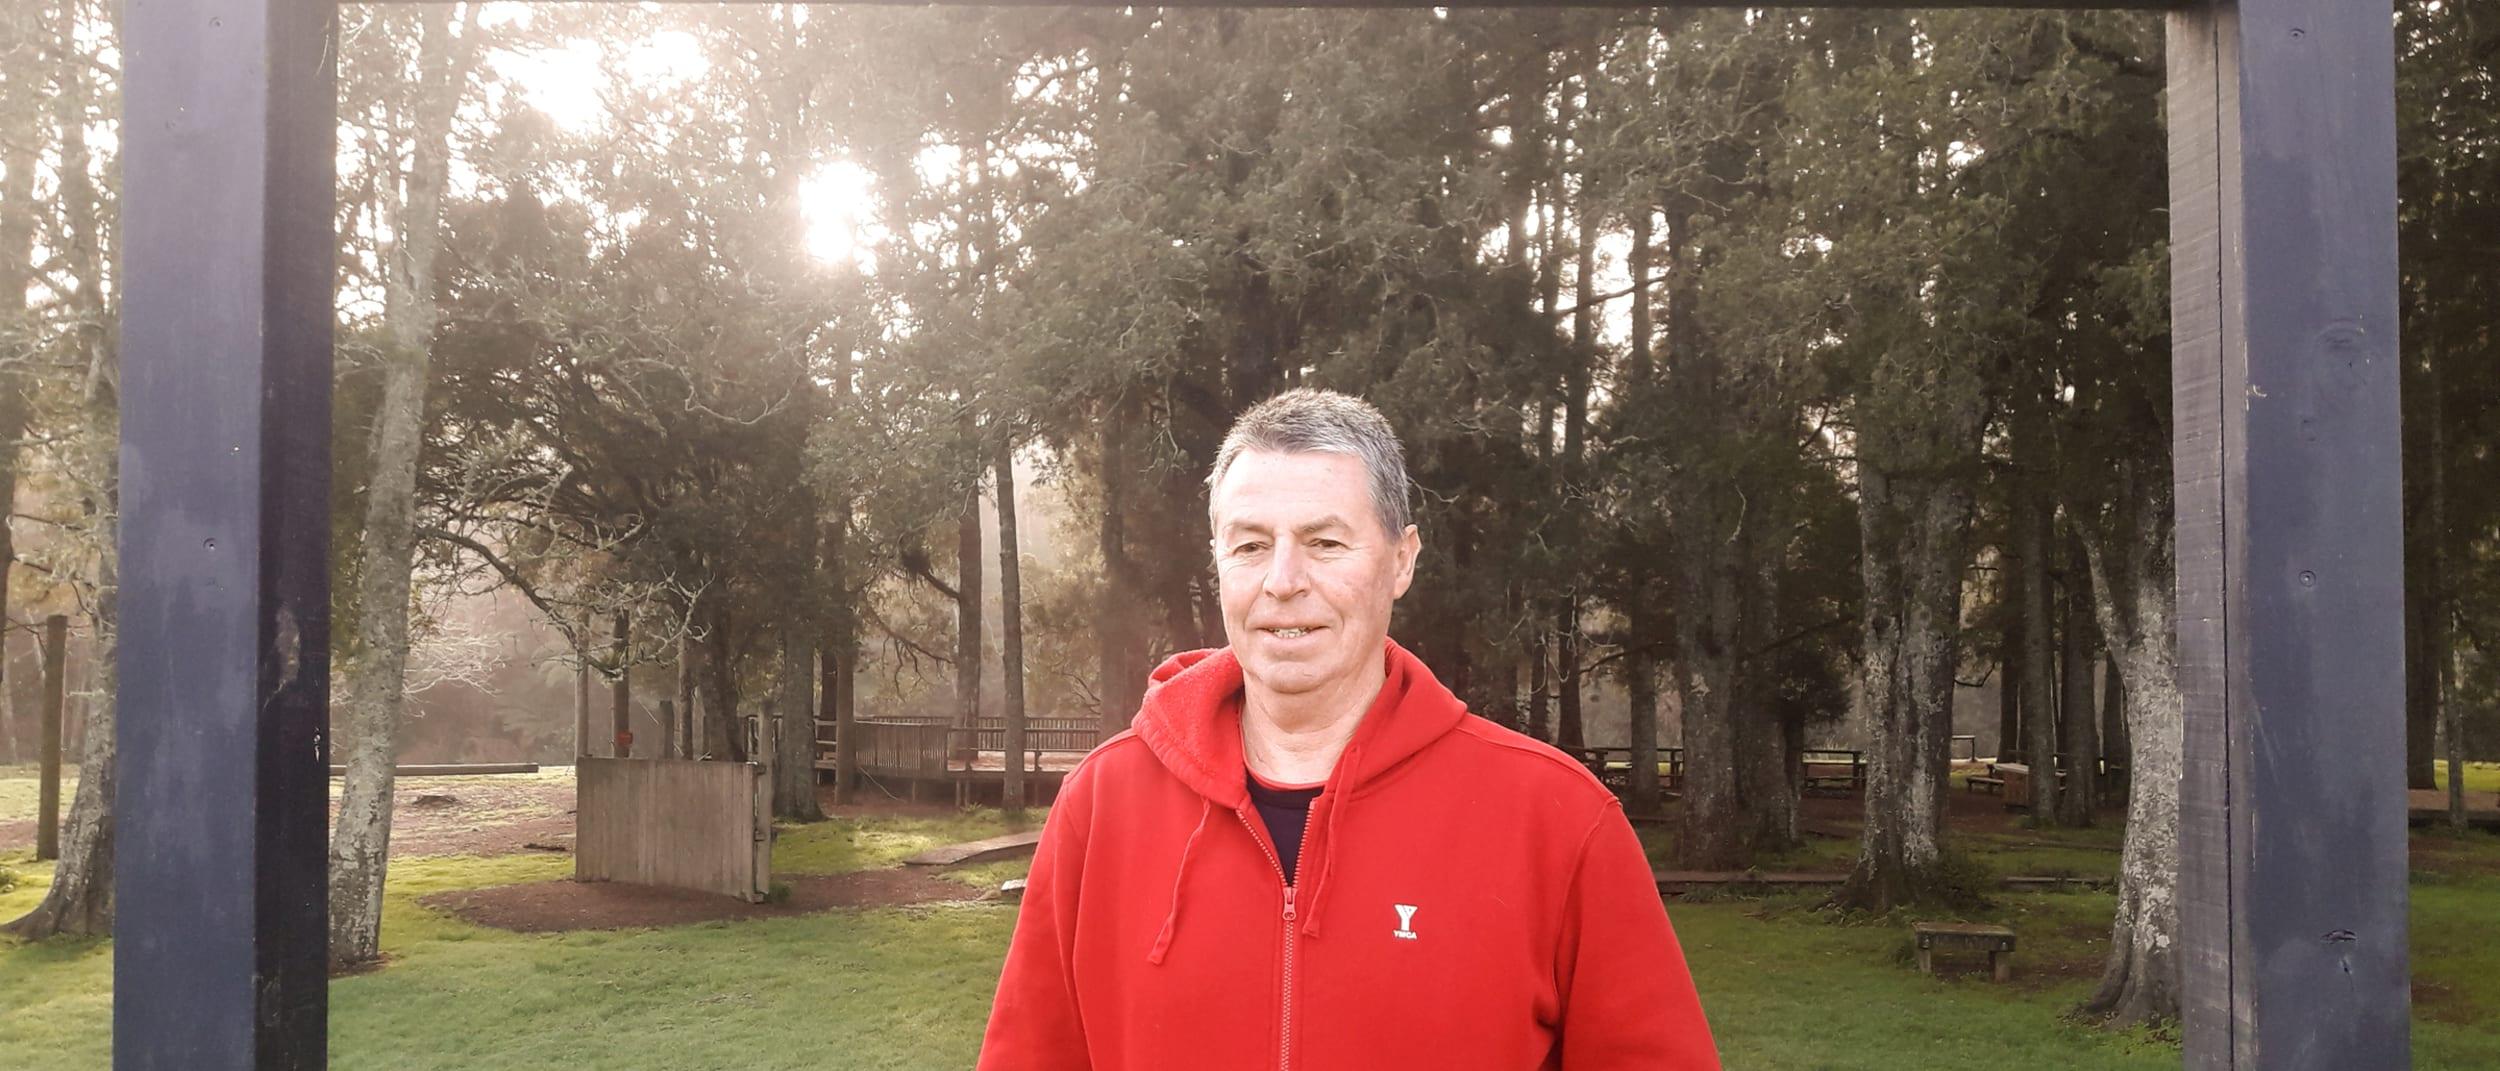 Meet Dave Lockwood - Westfield Local Heroes 2021